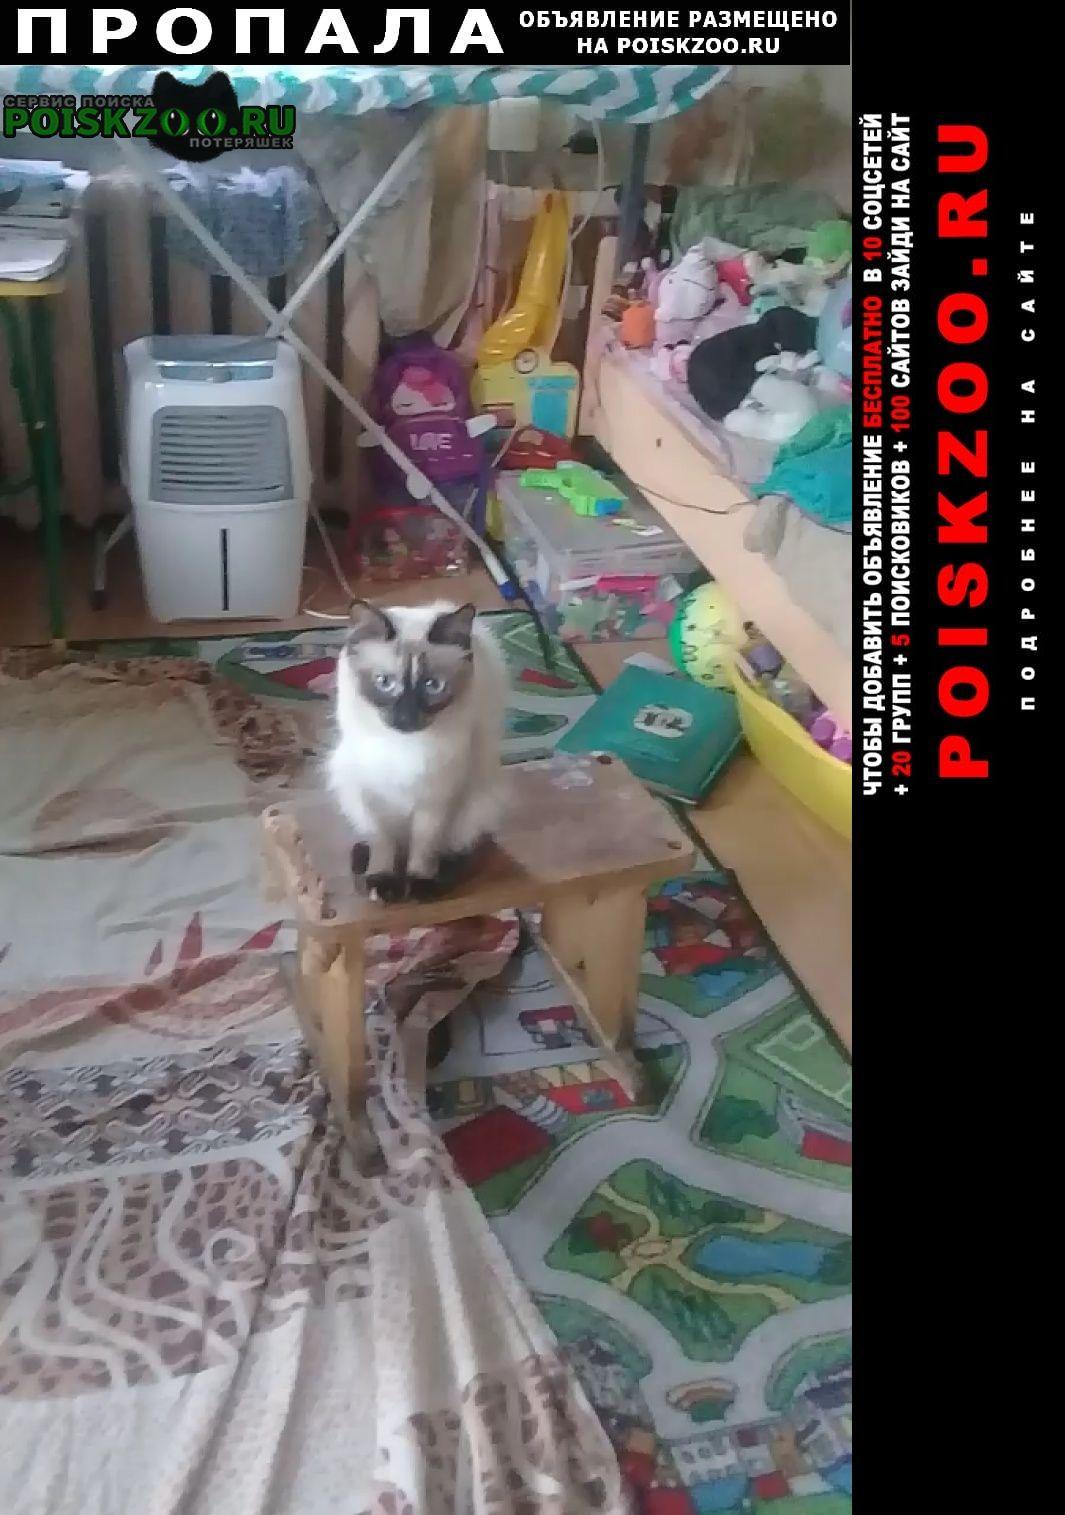 Пропала кошка помогите пожалуйста Челябинск